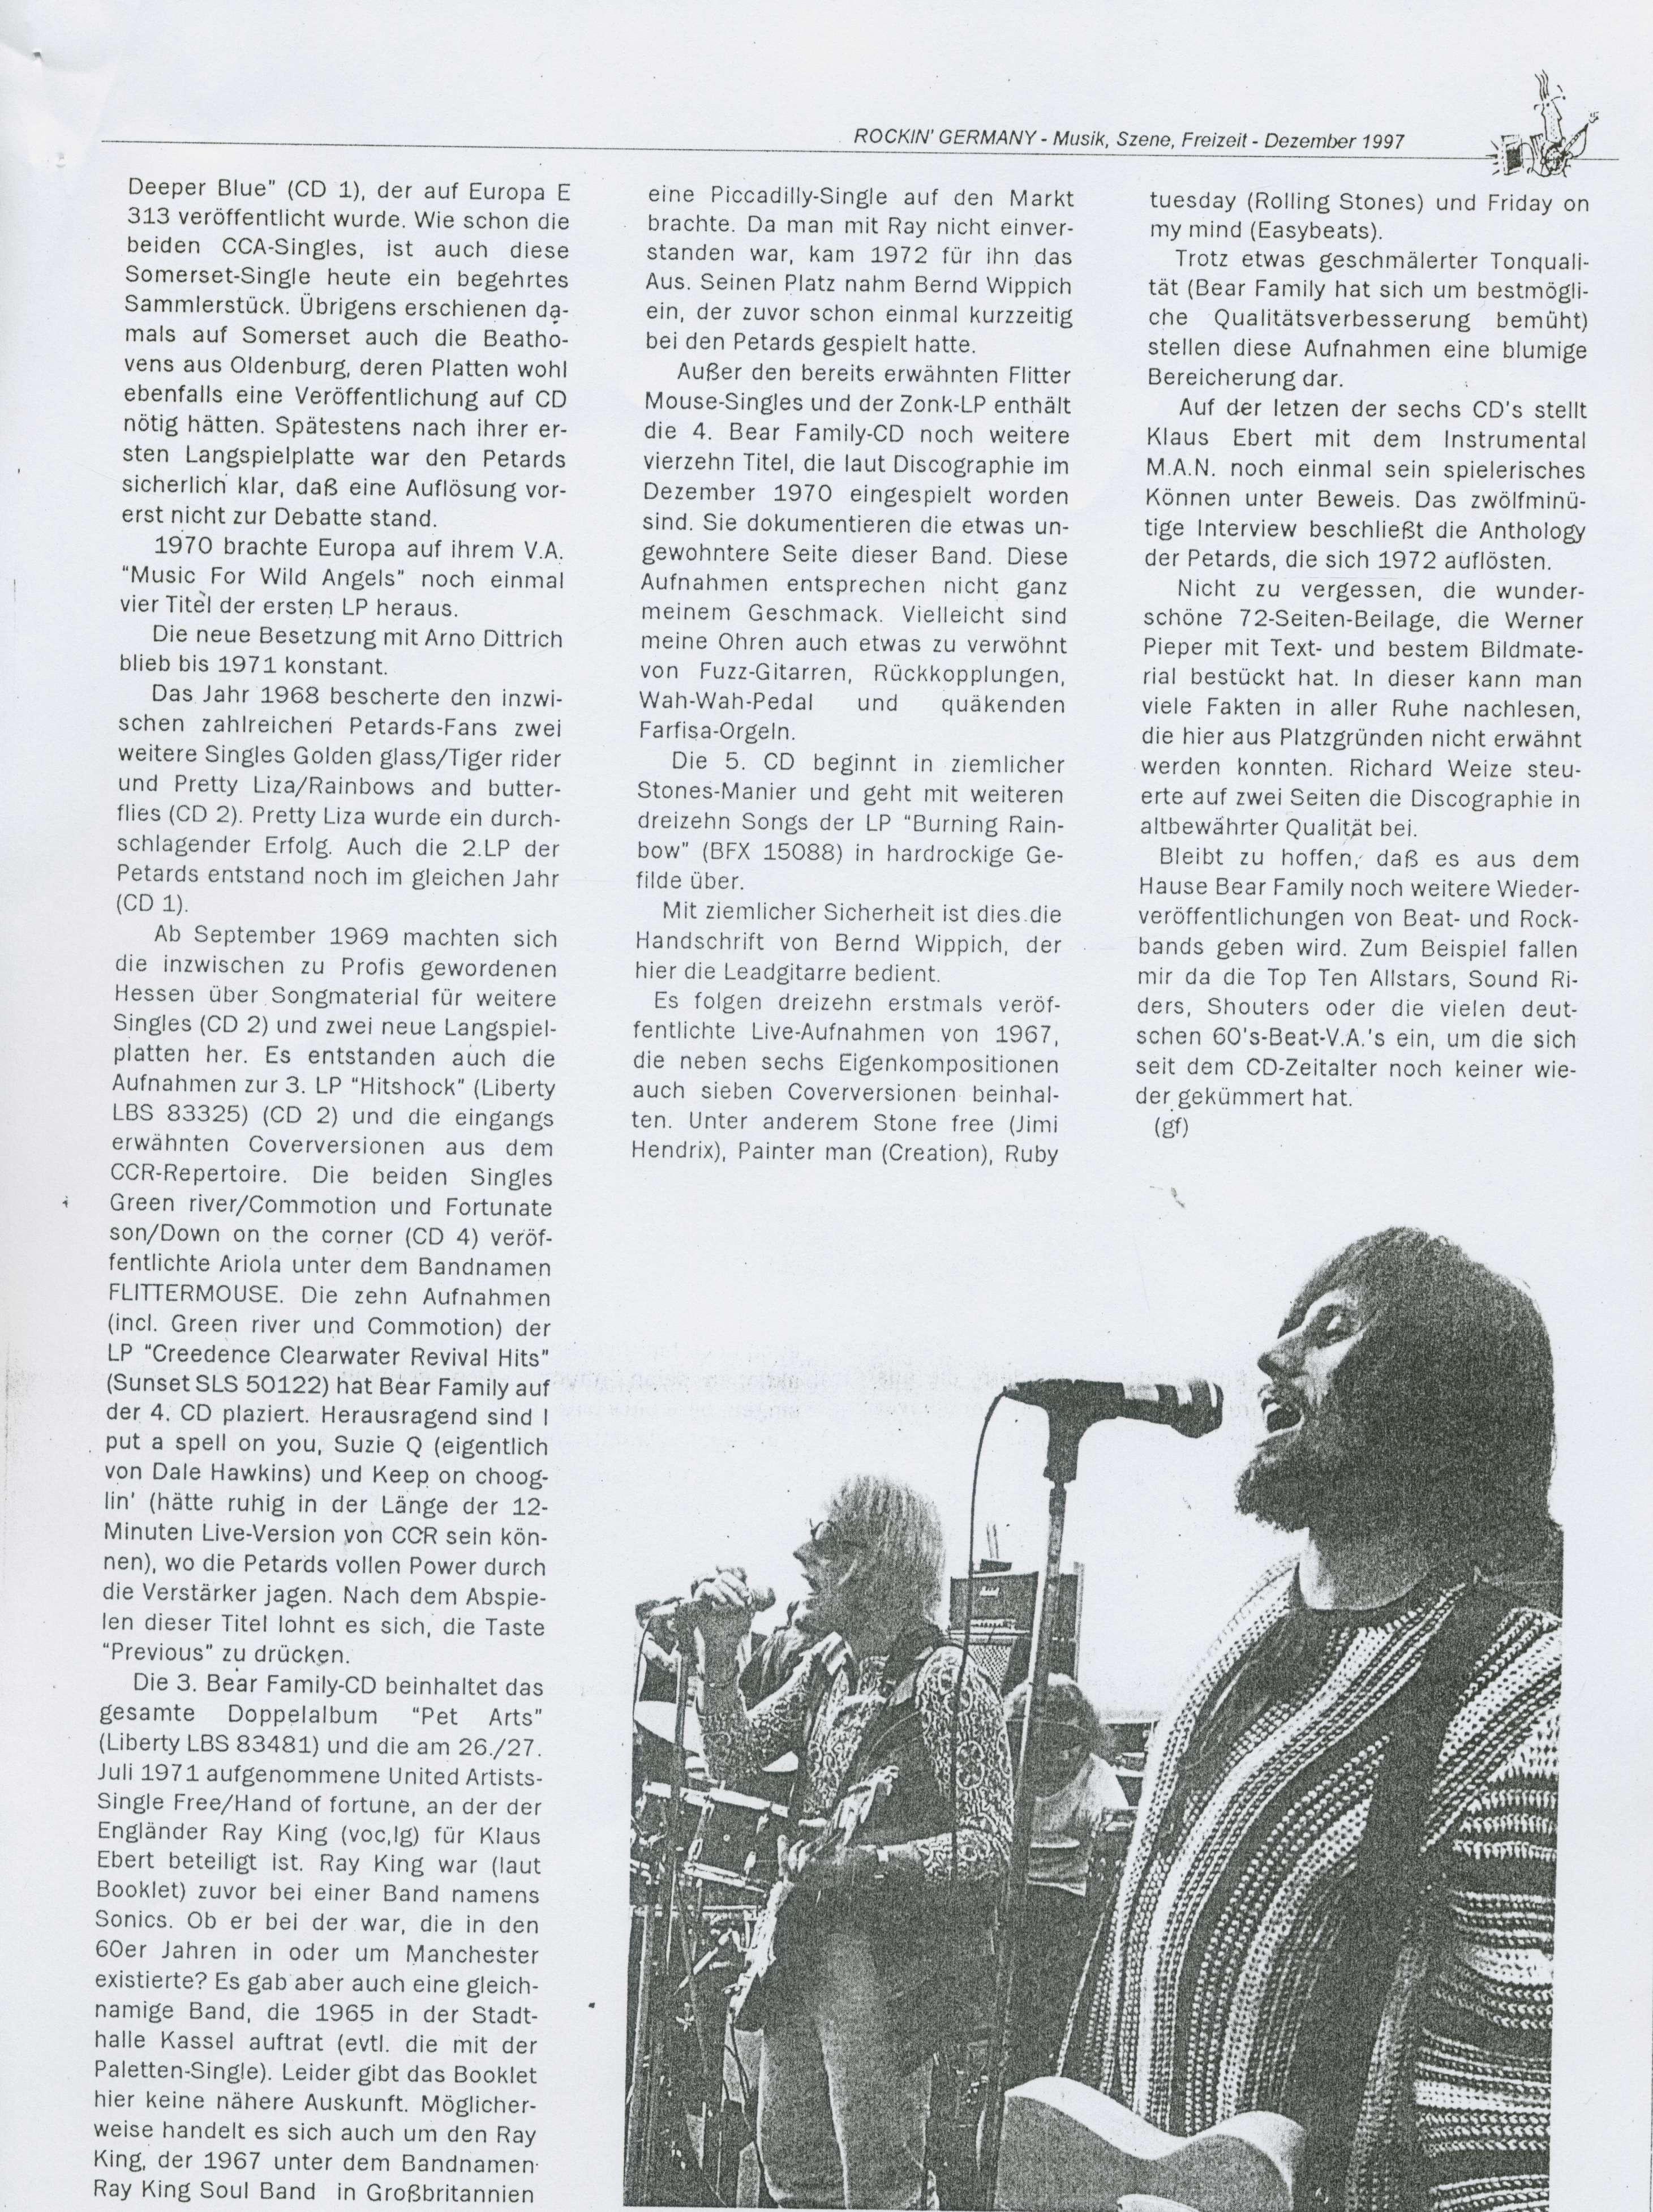 Presse Archive - The Petards - Anthology - Rockin Germany